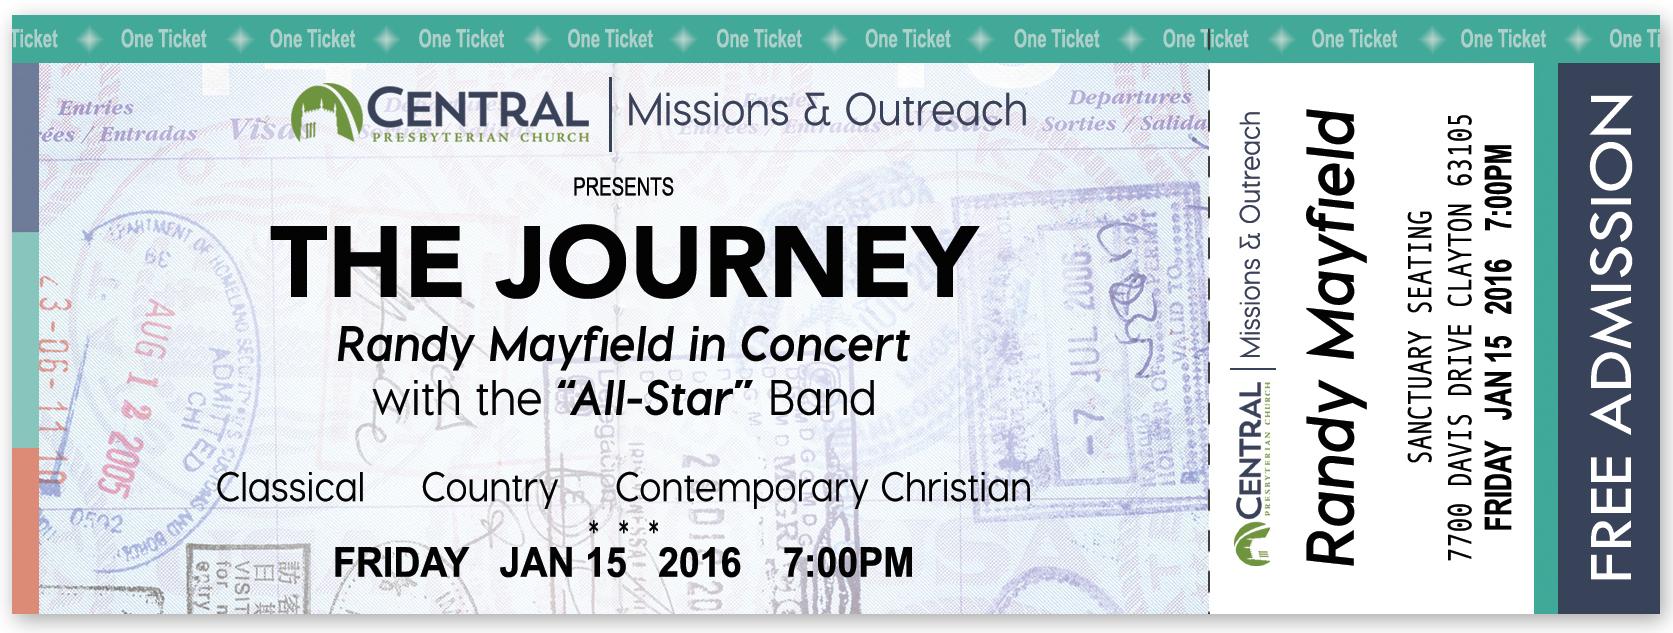 Concert Ticket Concept